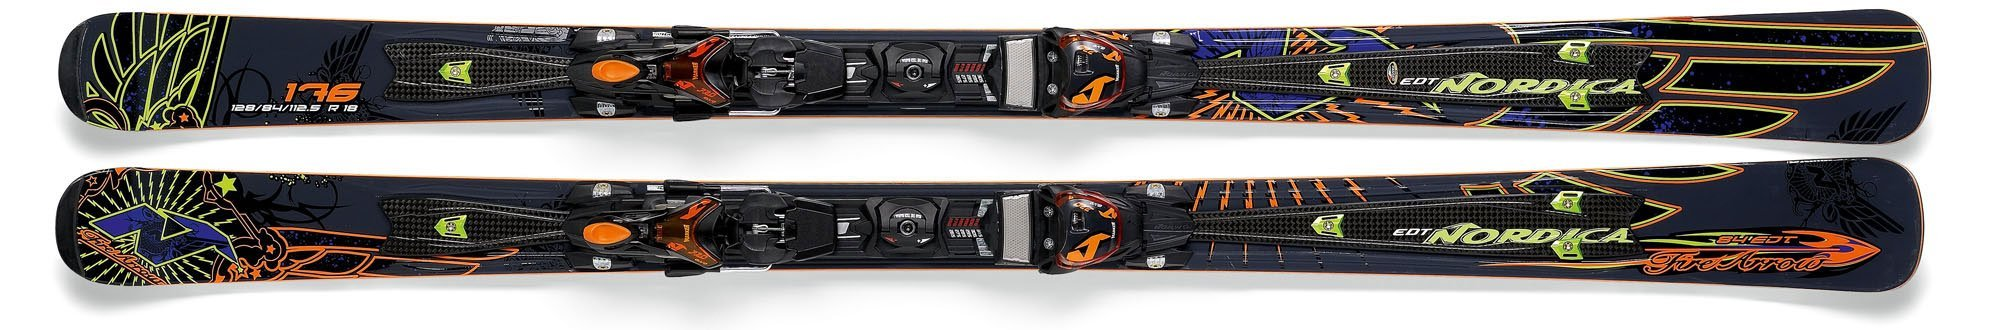 Fire Arrow 84 EDT Evo XL CT